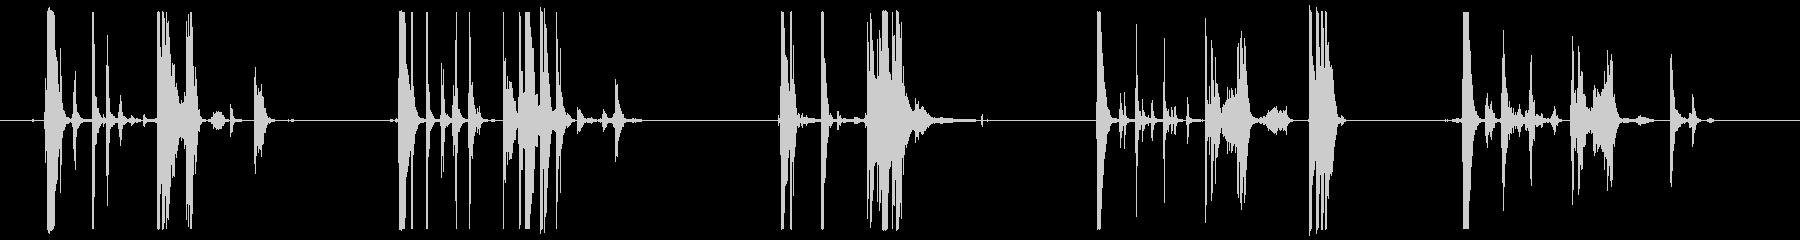 メタルバケットドロップスアンドロールスの未再生の波形